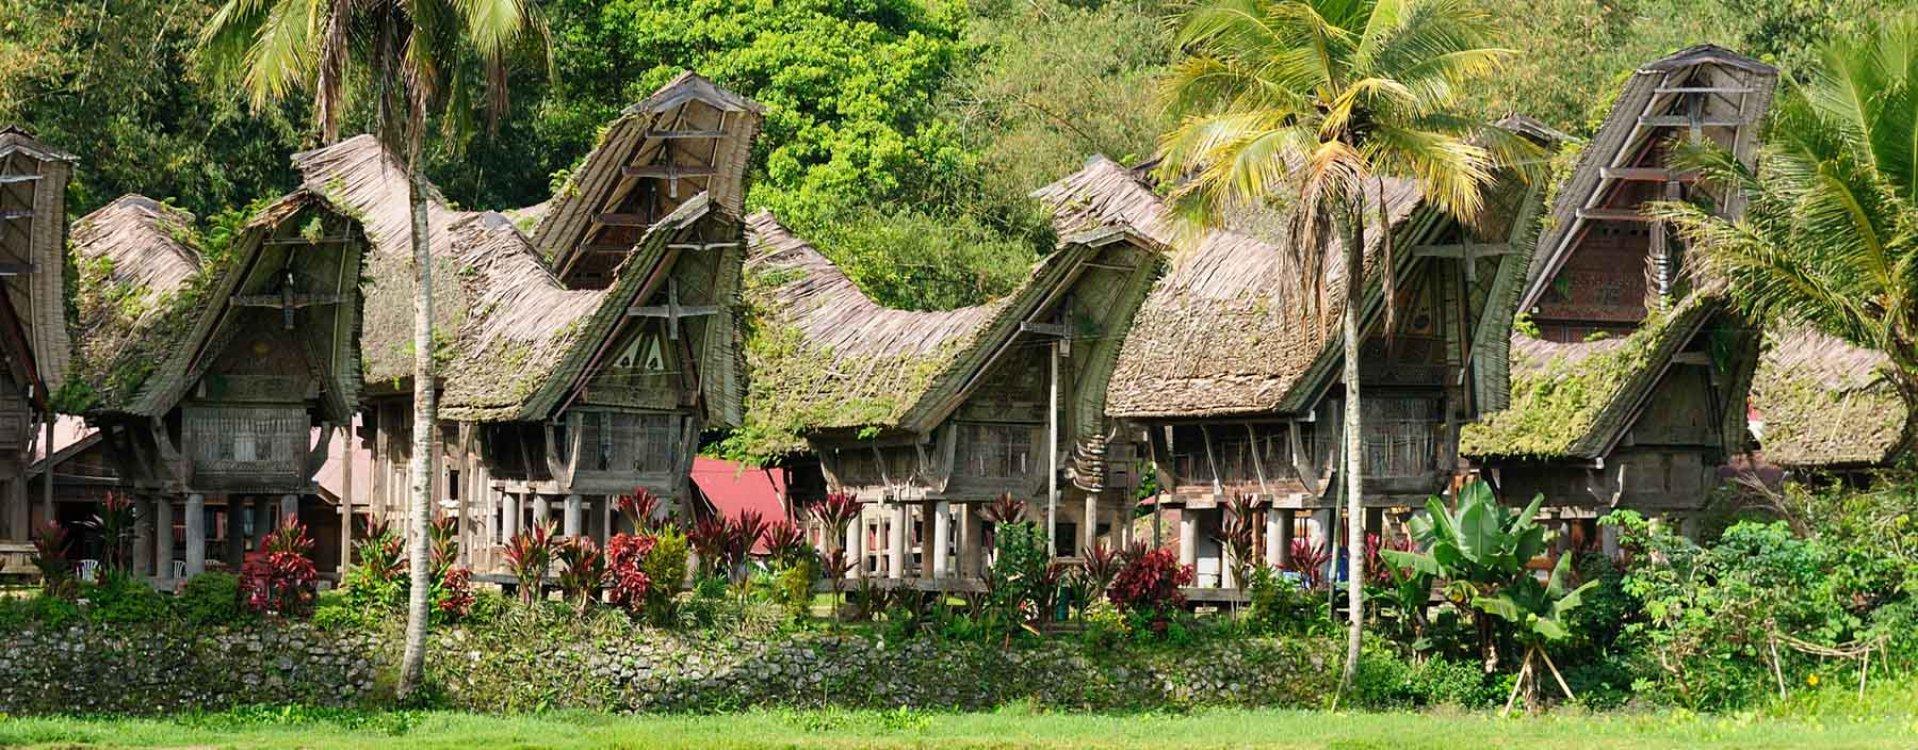 Dorp in Torajaland, Sulawesi